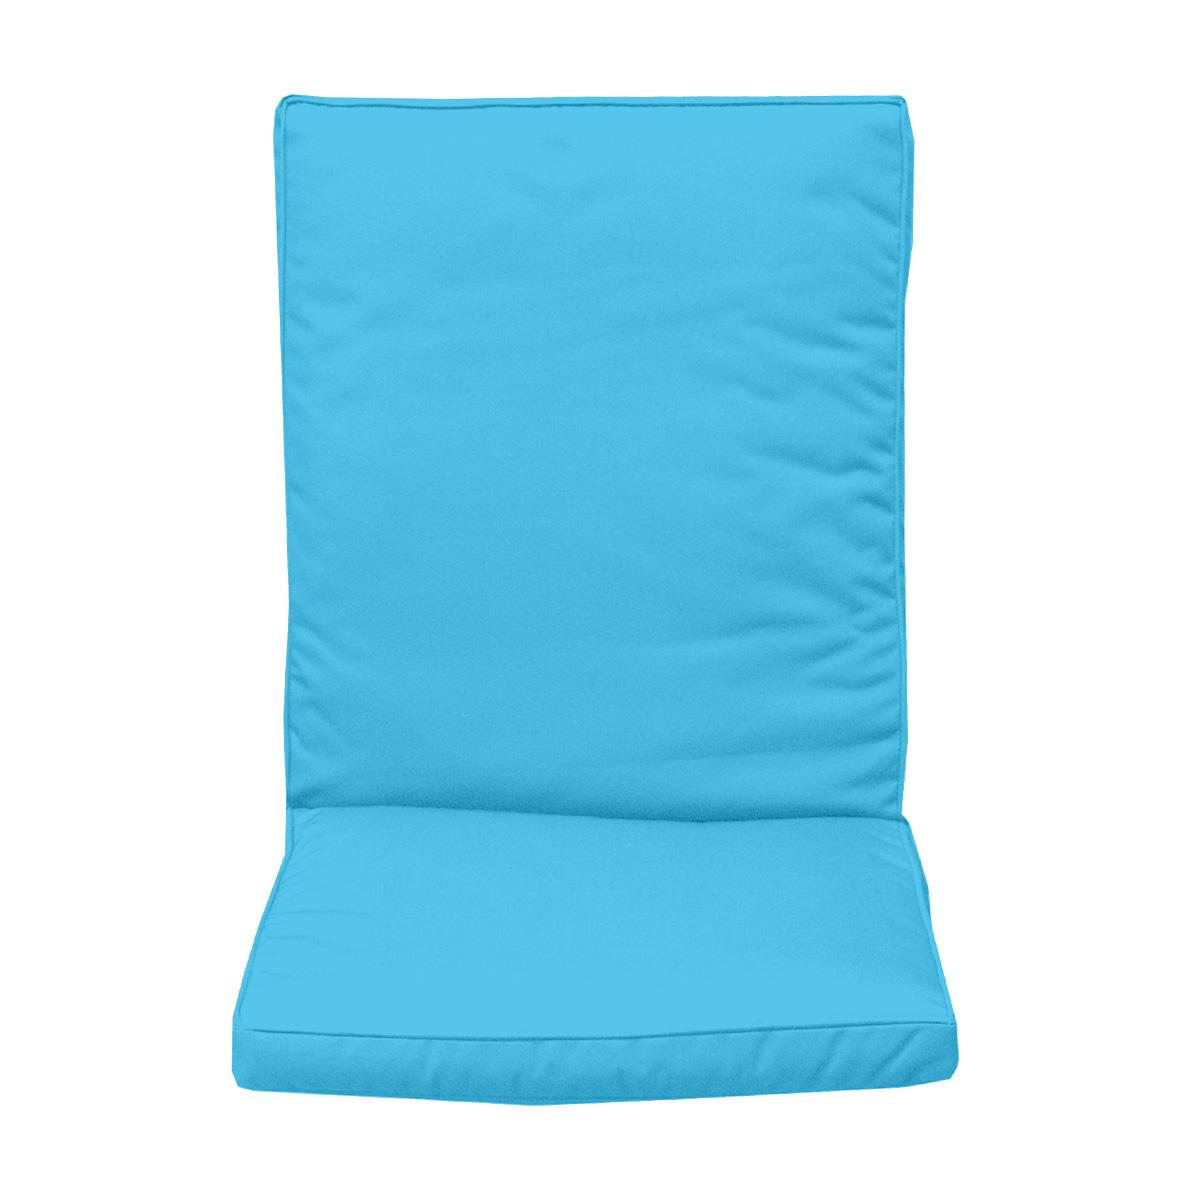 Coussin de dossier pour fauteuil turquoise